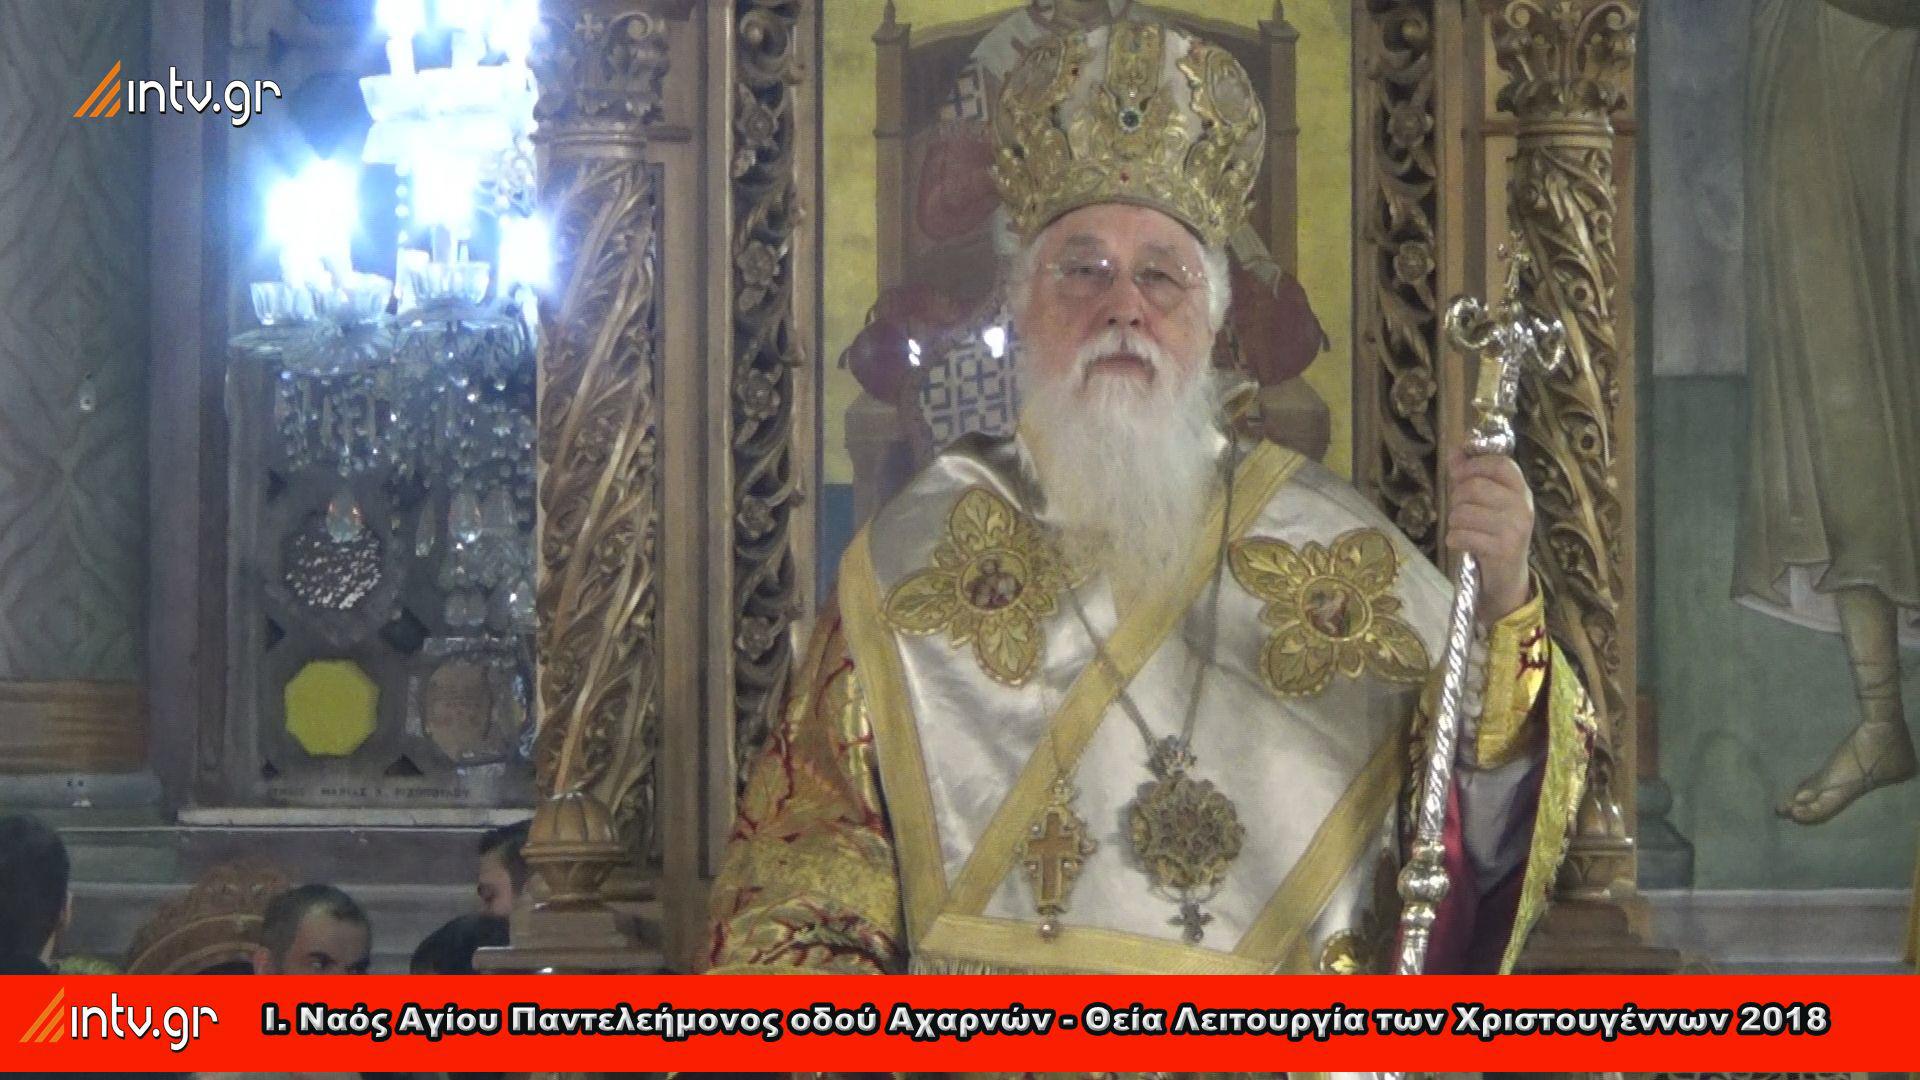 Ιερός Ναός Αγίου Παντελεήμονος οδού Αχαρνών - Θεία Λειτουργία των Χριστουγέννων 2018